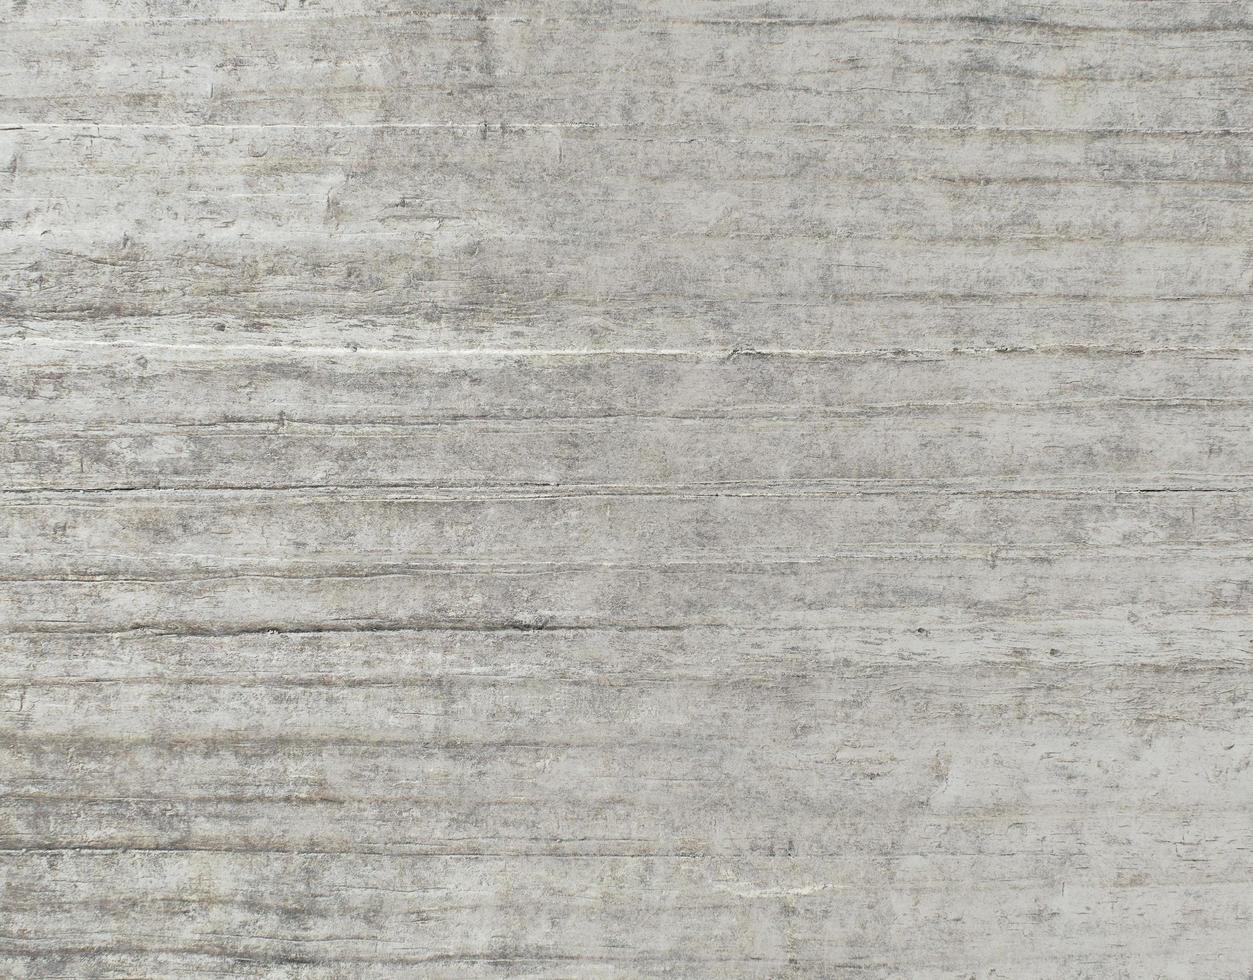 Wooden warm texture photo